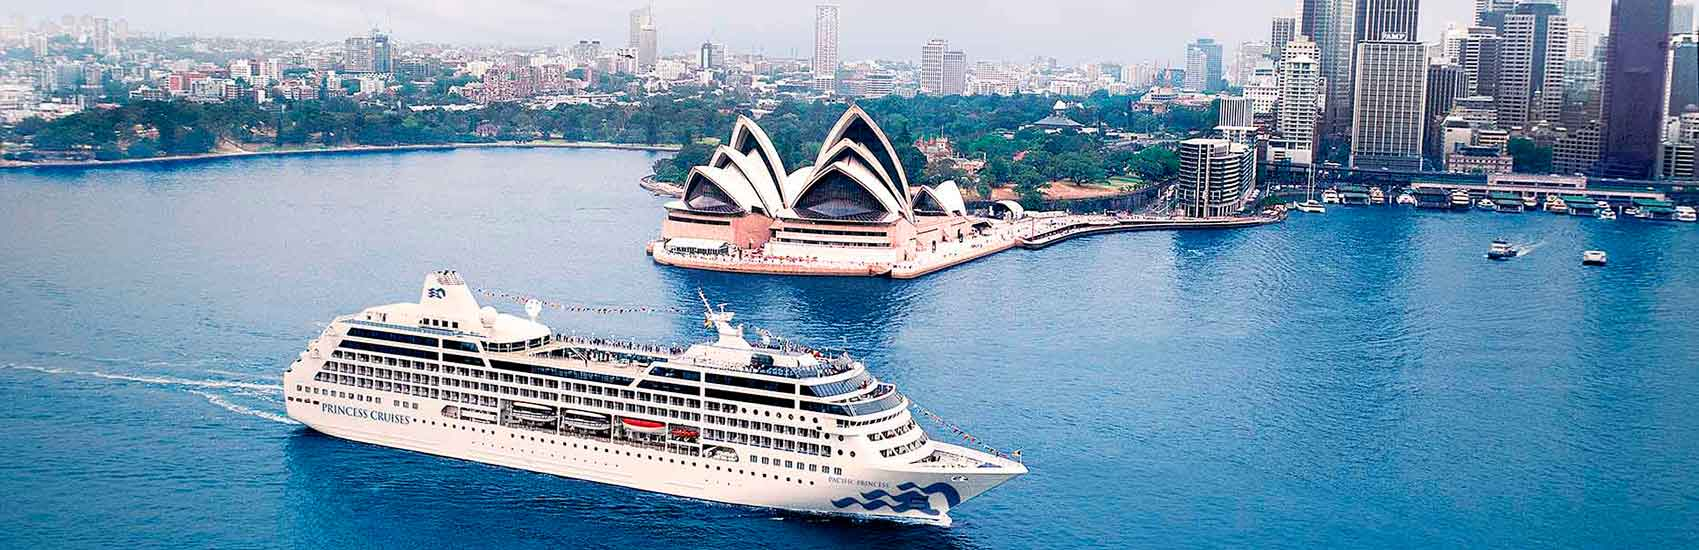 Princess Cruises 2023 World Cruise 1